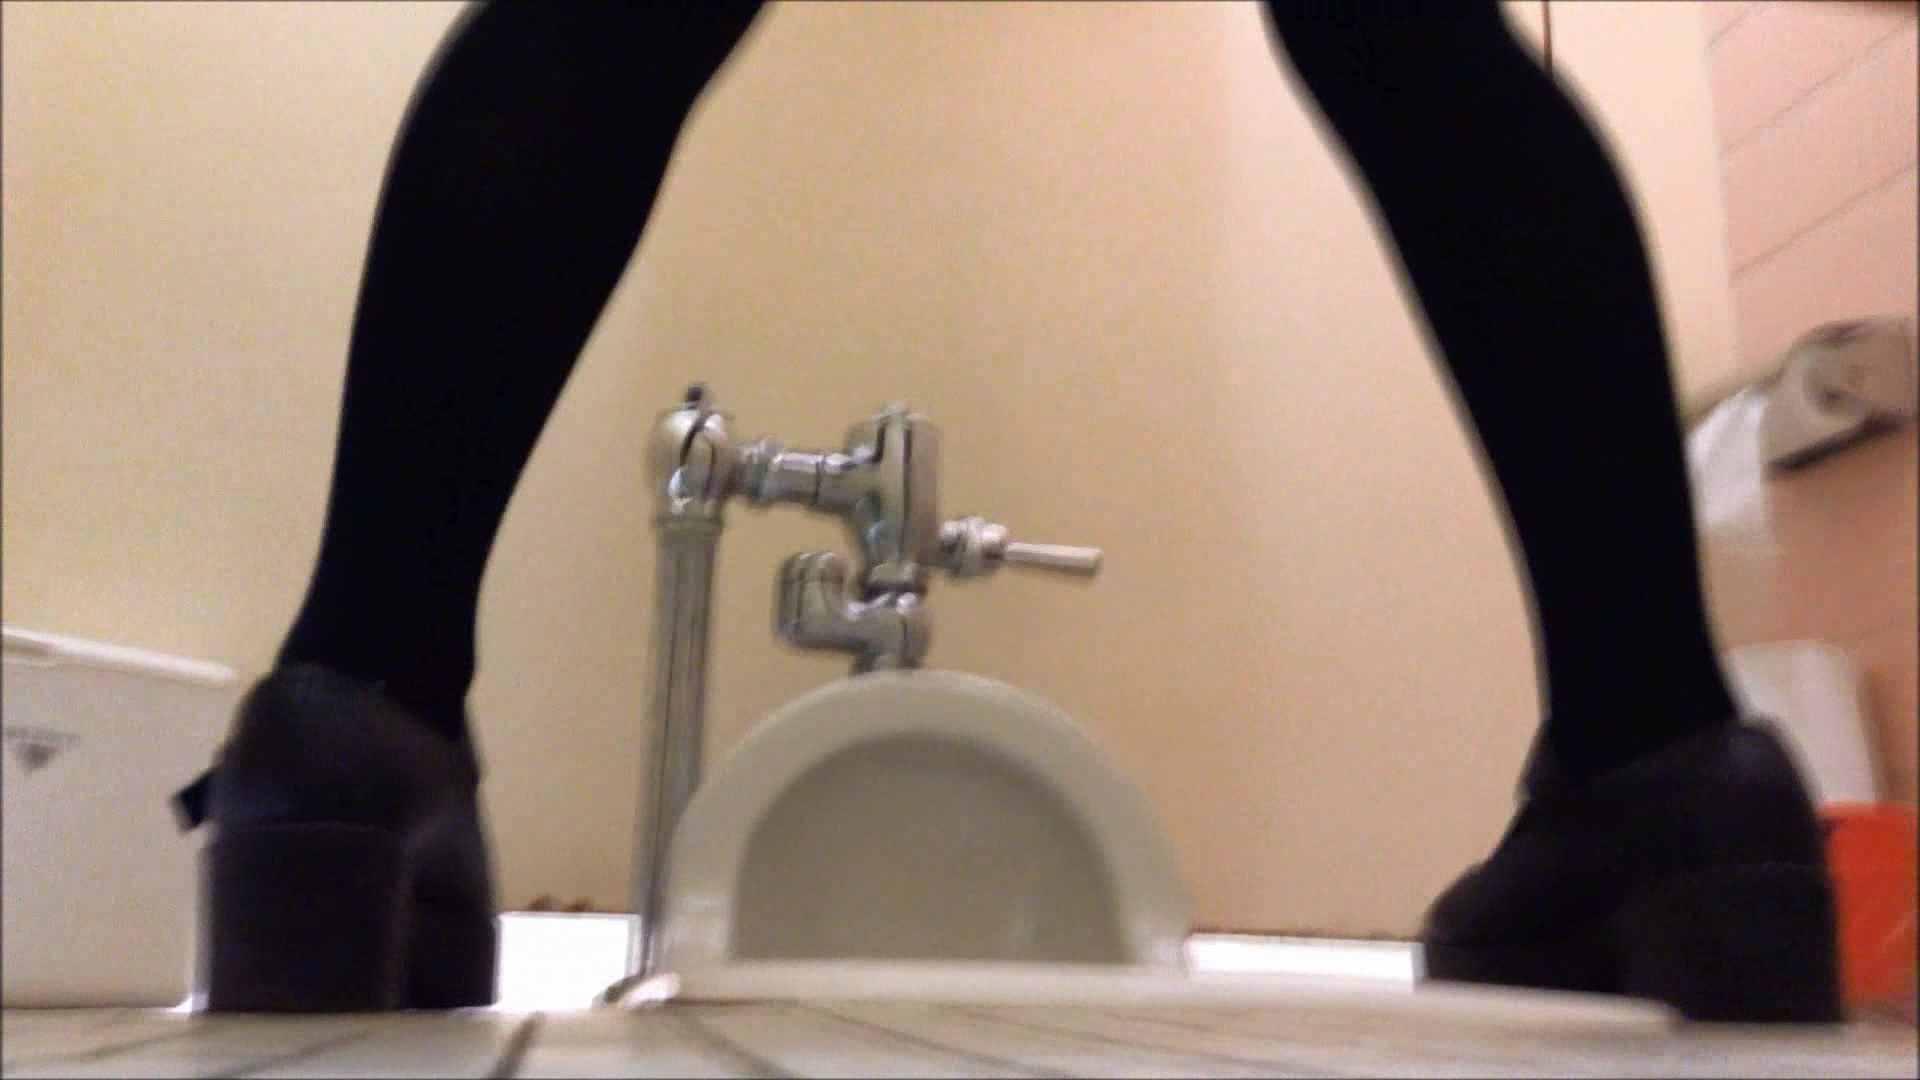 某有名大学女性洗面所 vol.14 和式で・・・ ワレメ動画紹介 92画像 85